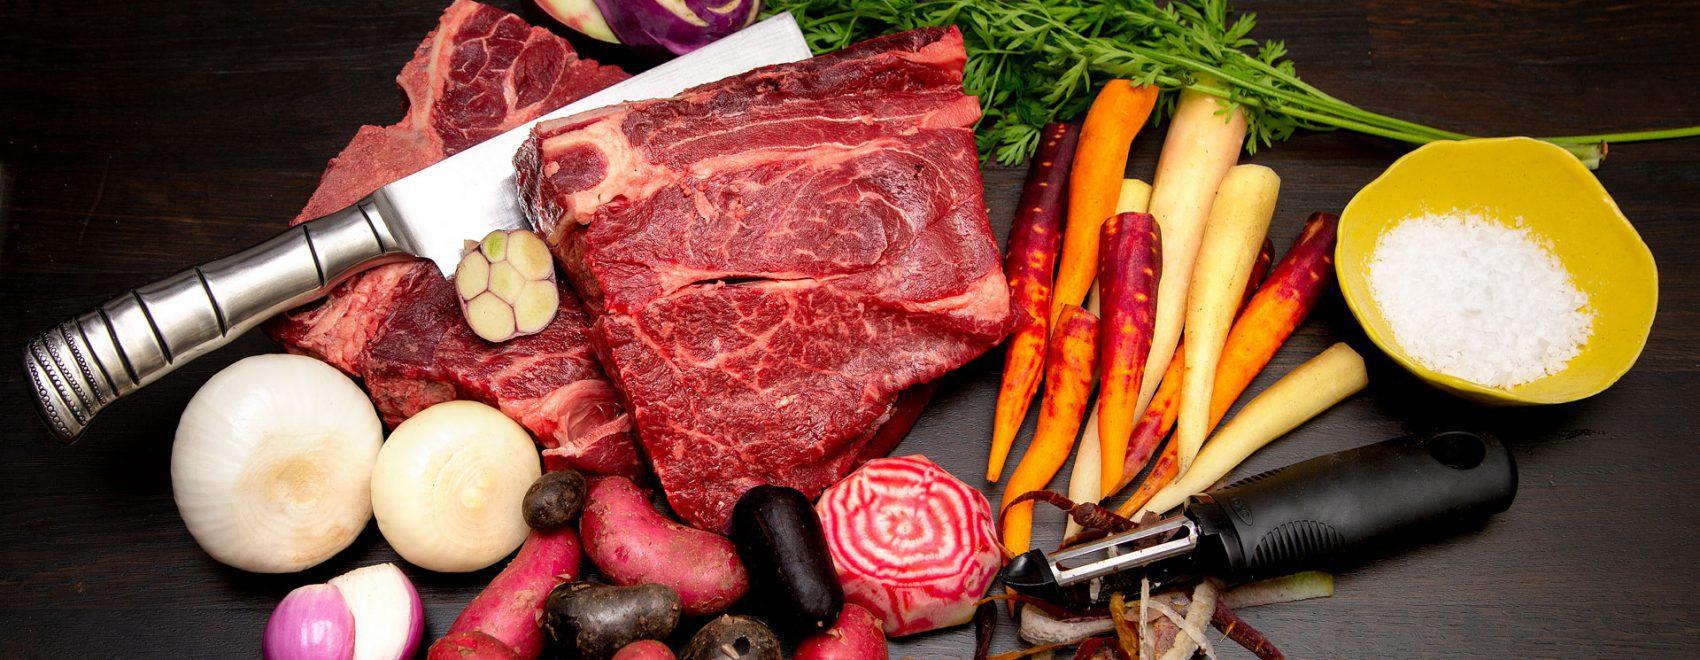 bakgrund kött